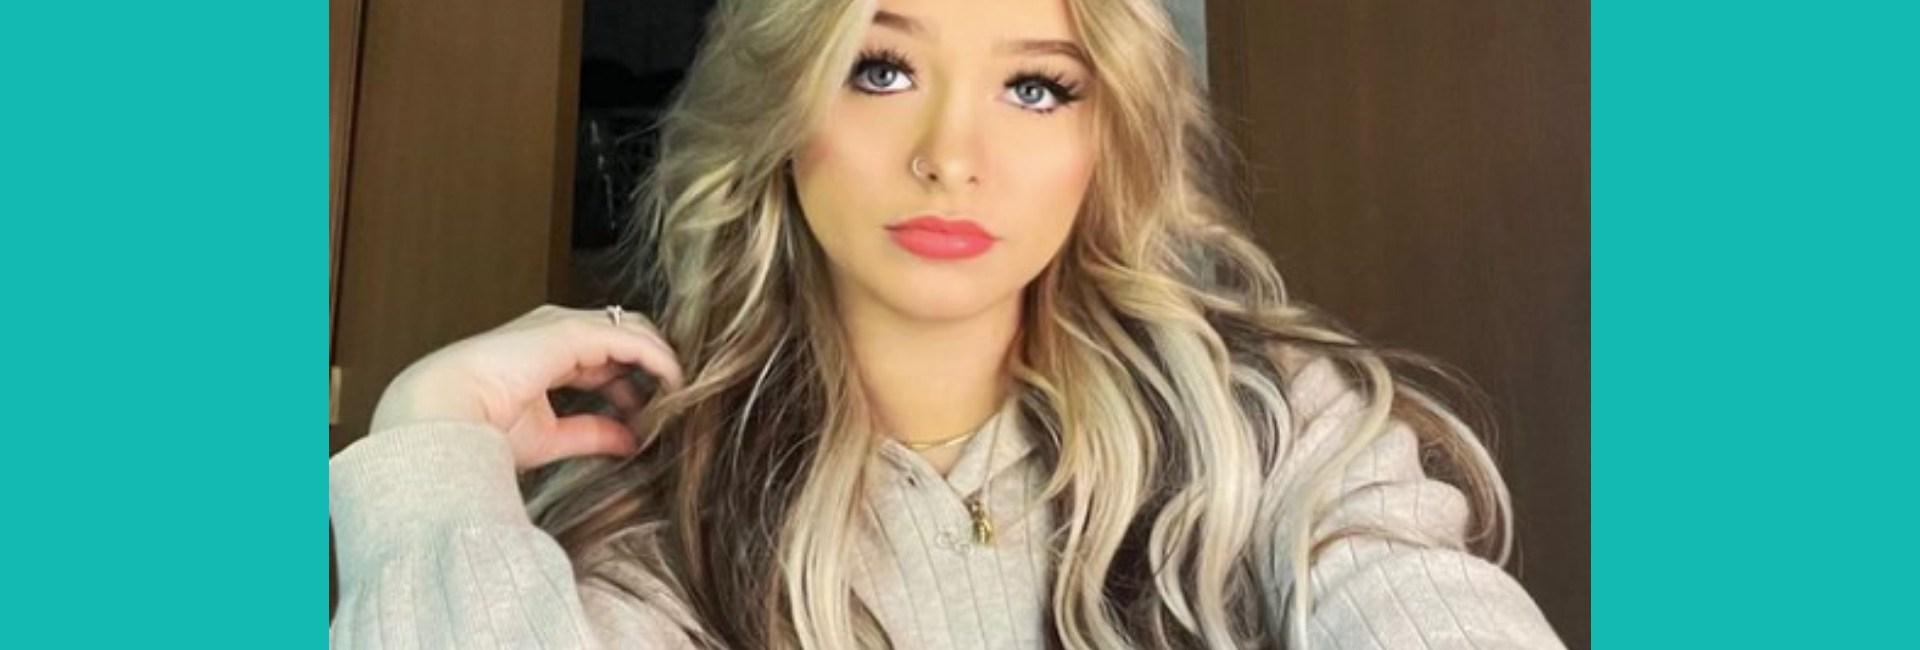 Zoe Delaverne